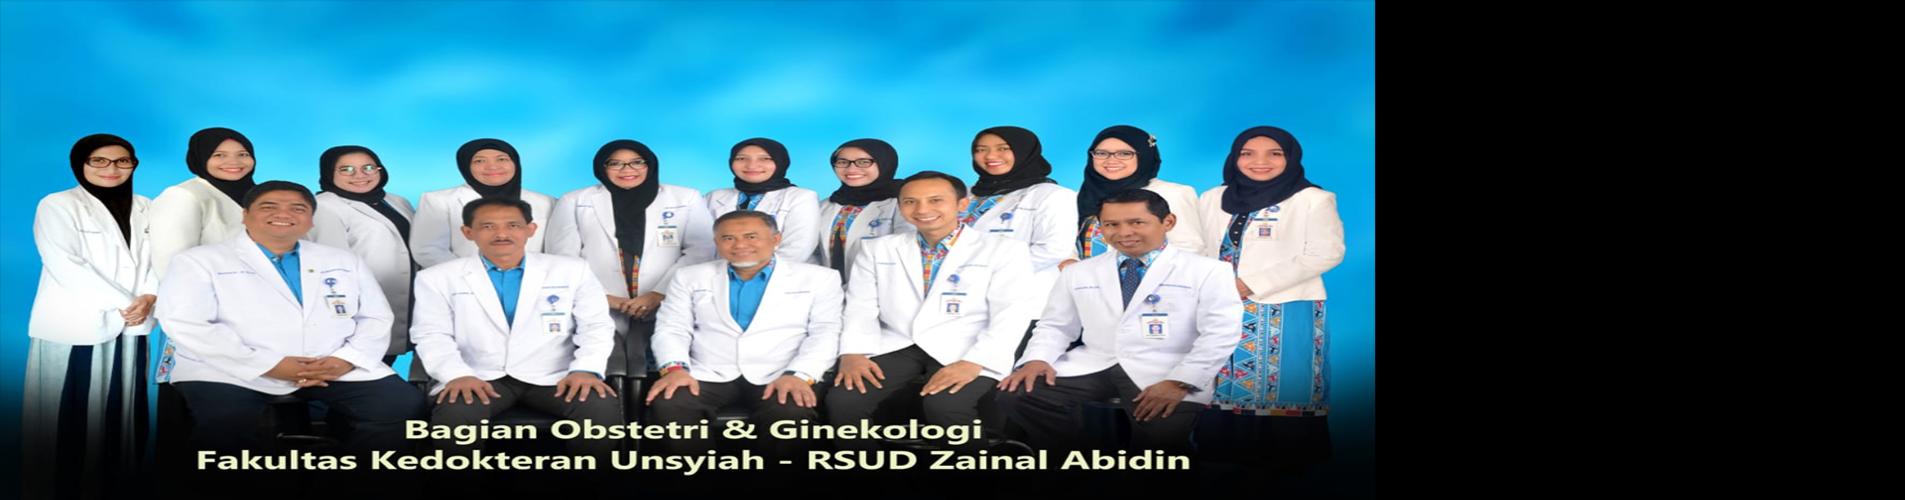 Fakultas Kedokteran Unsyiah - RSUD Zainal Abidin